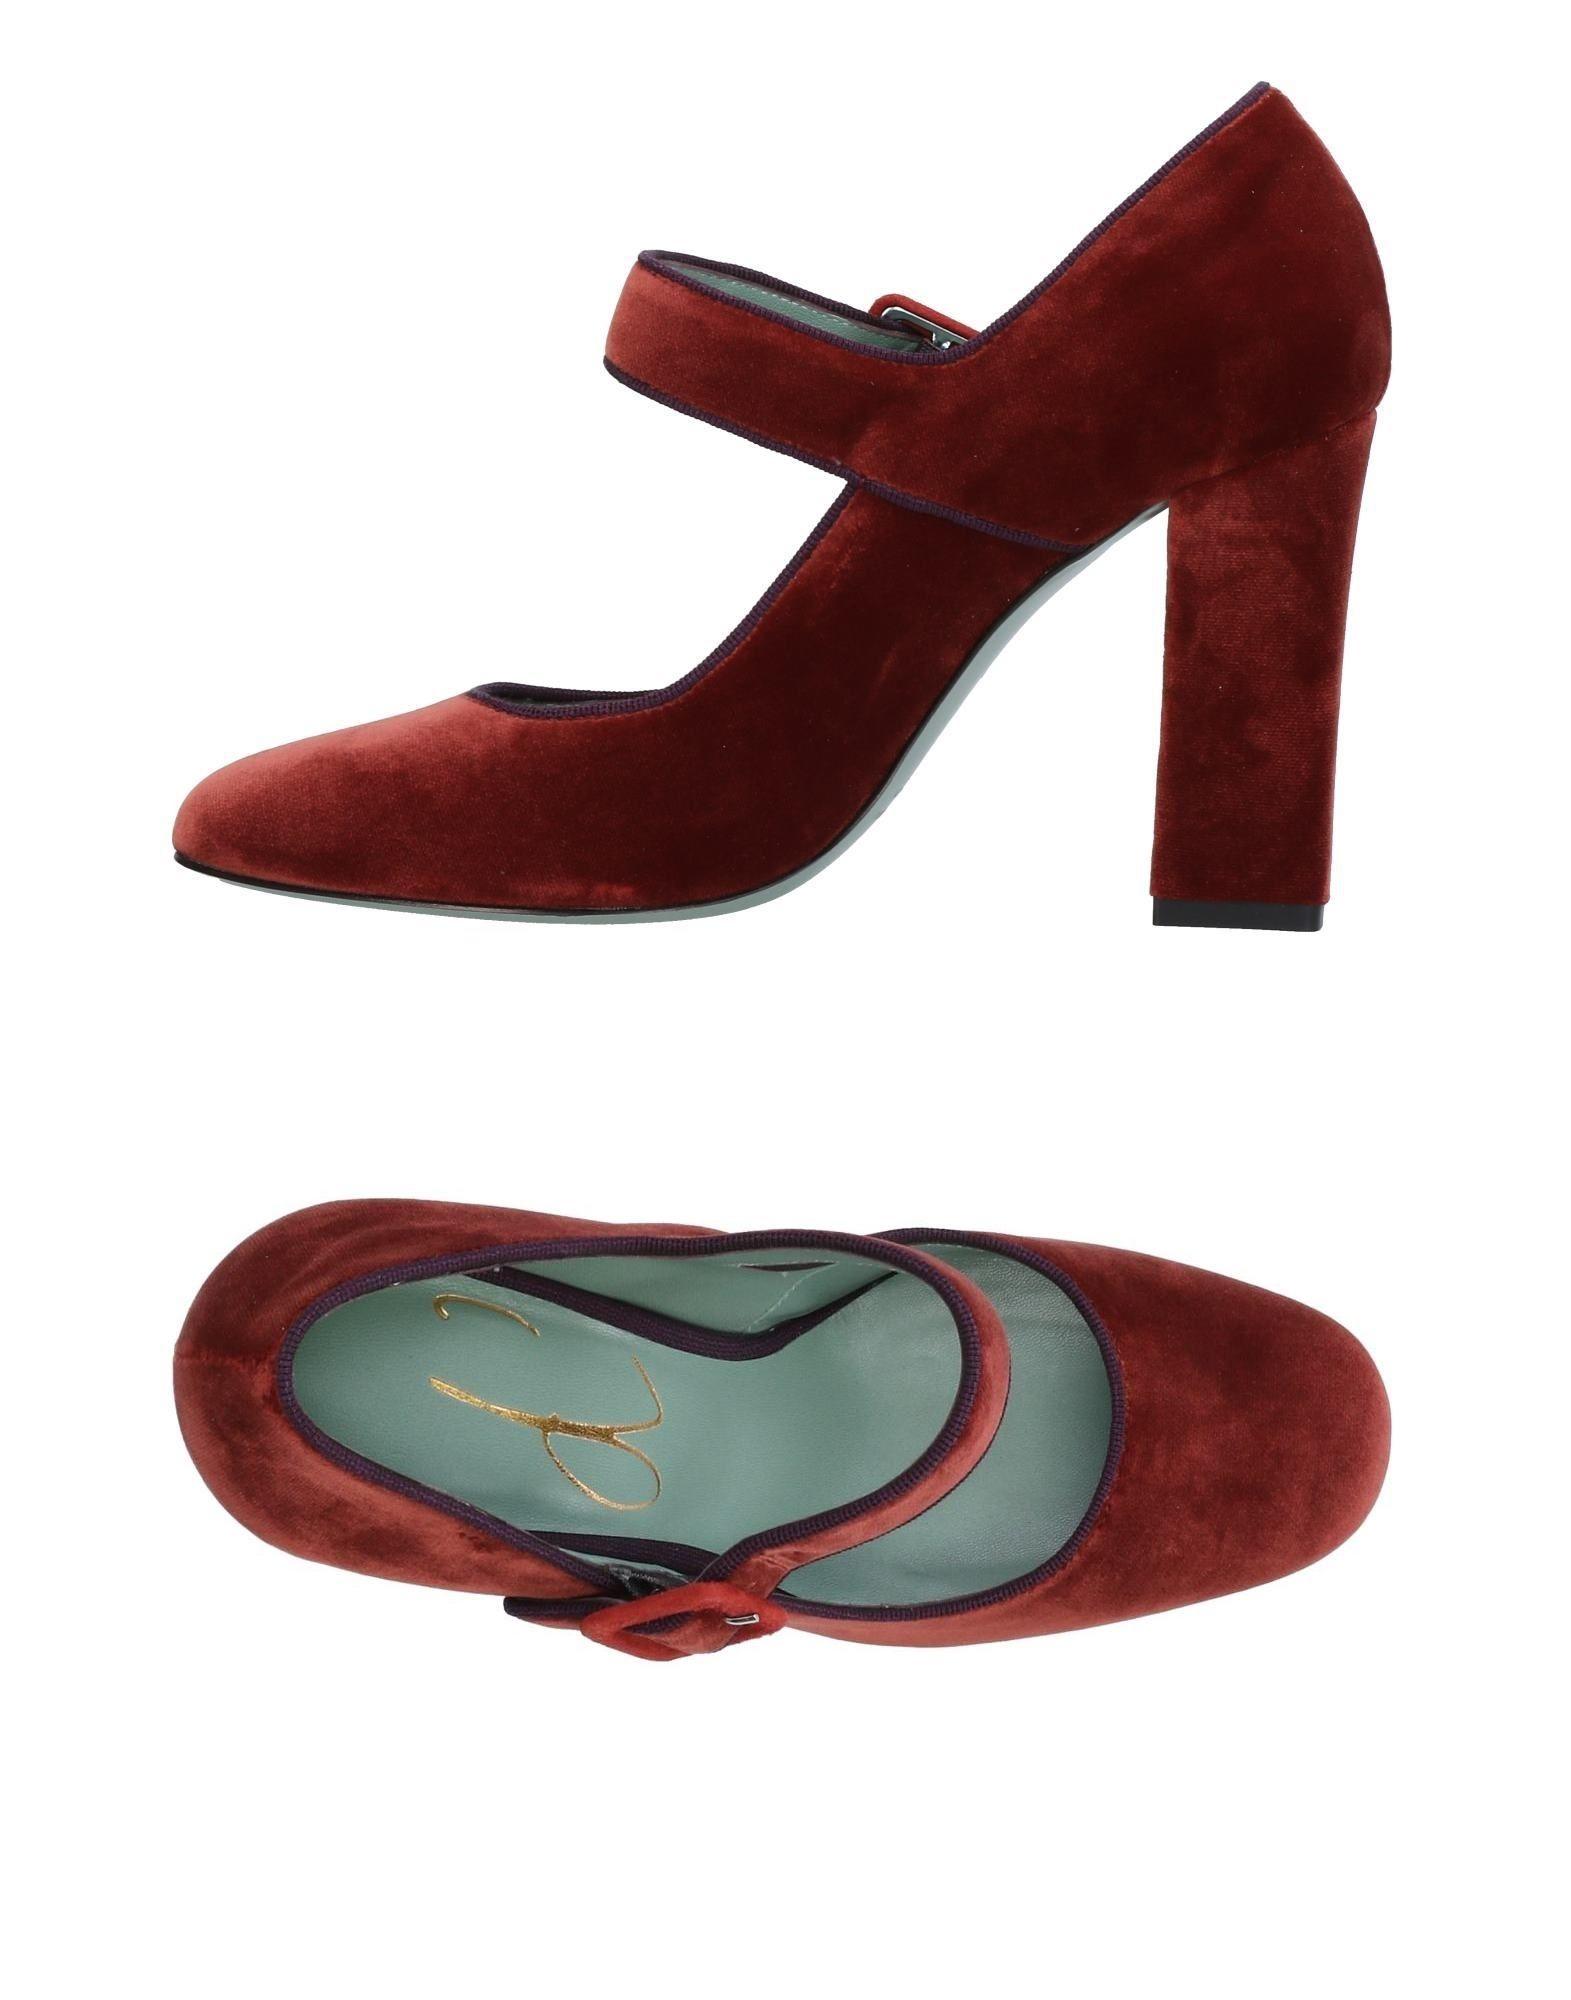 《送料無料》PAOLA D'ARCANO レディース パンプス 赤茶色 40 紡績繊維